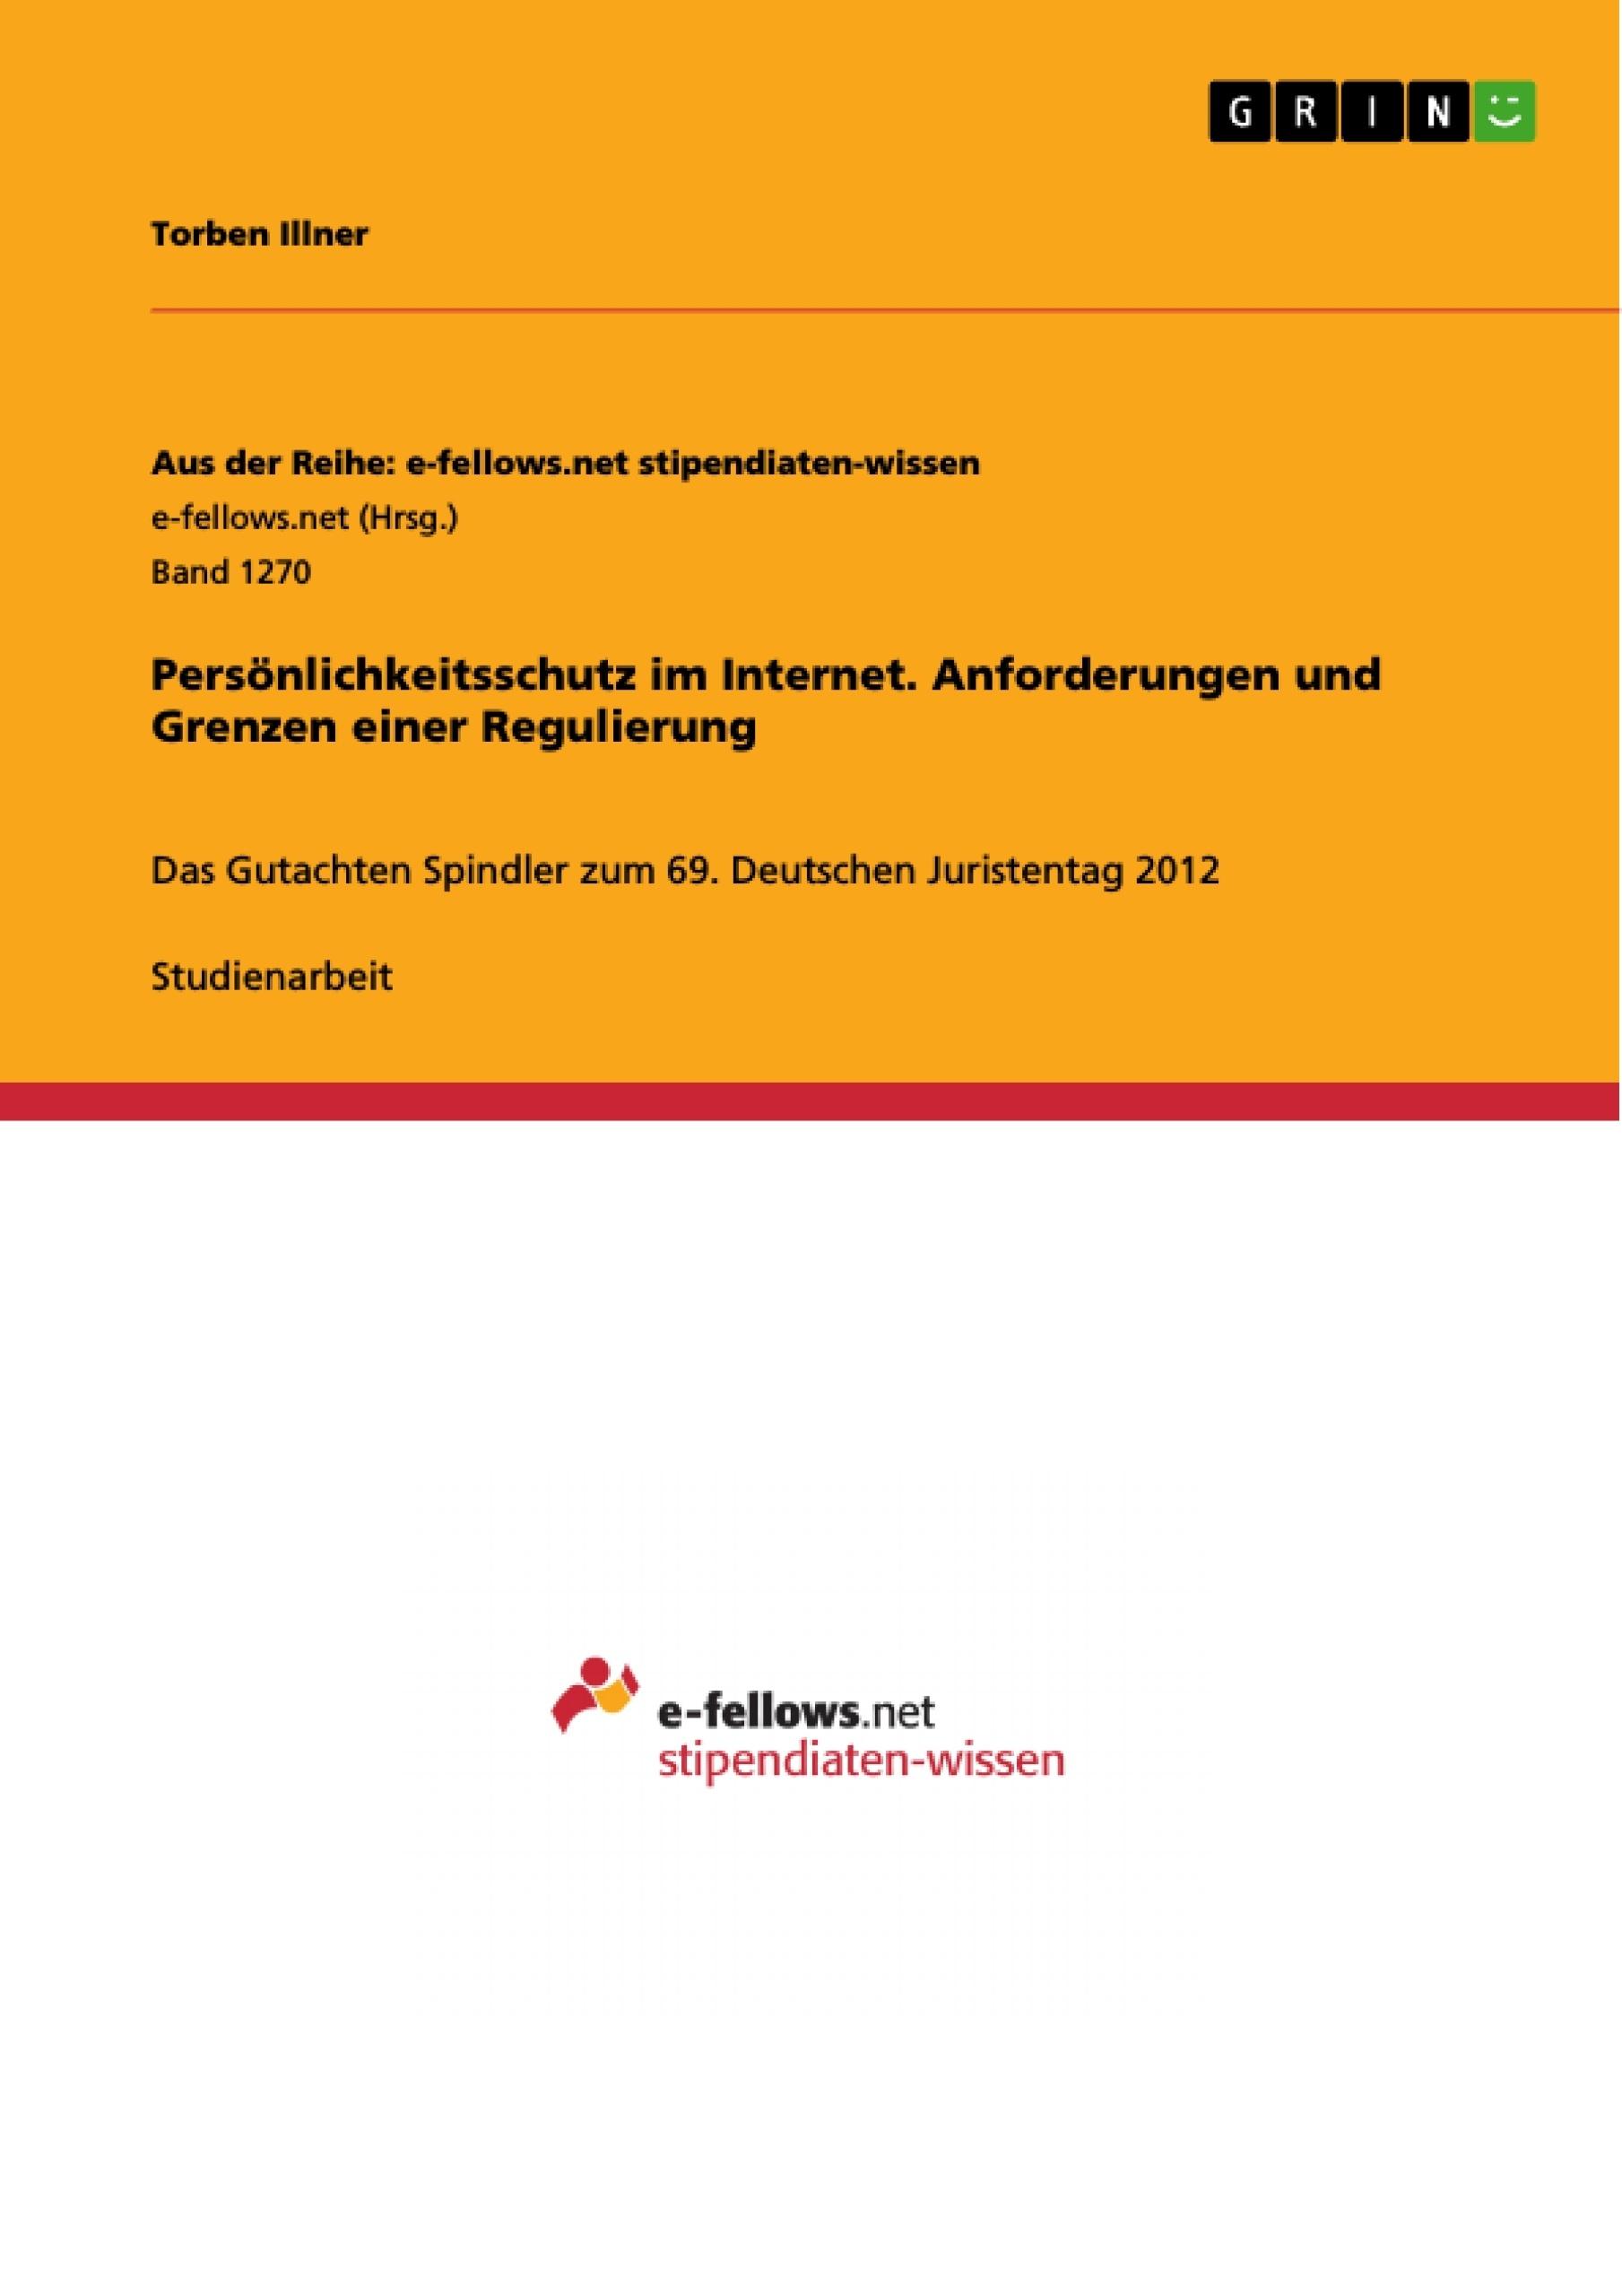 Titel: Persönlichkeitsschutz im Internet. Anforderungen und Grenzen einer Regulierung